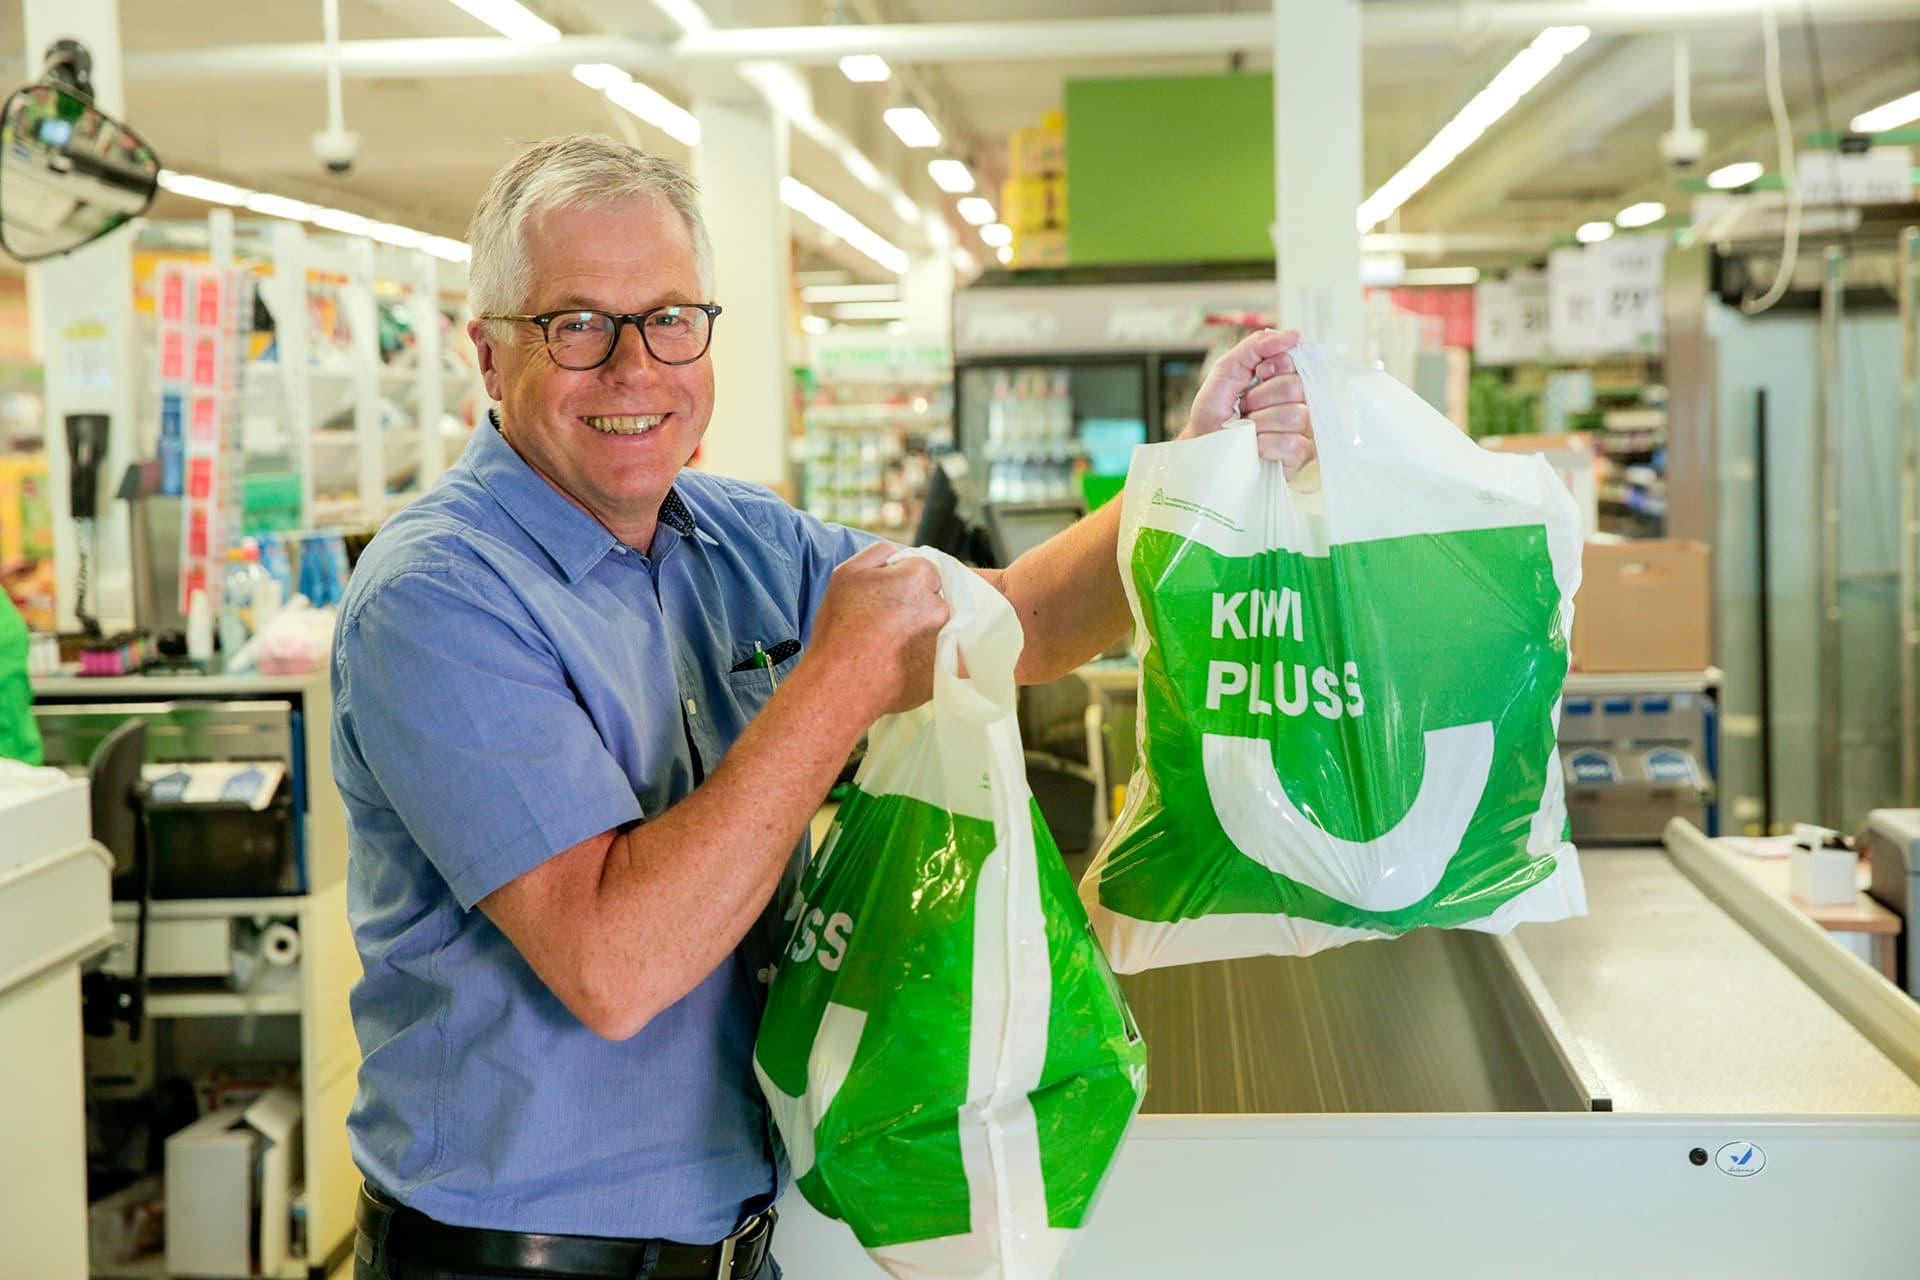 KIWI-sjef Jan Paul Bjørkøy er glad han kan være med på å gjøre Norge både sunnere og billigere.